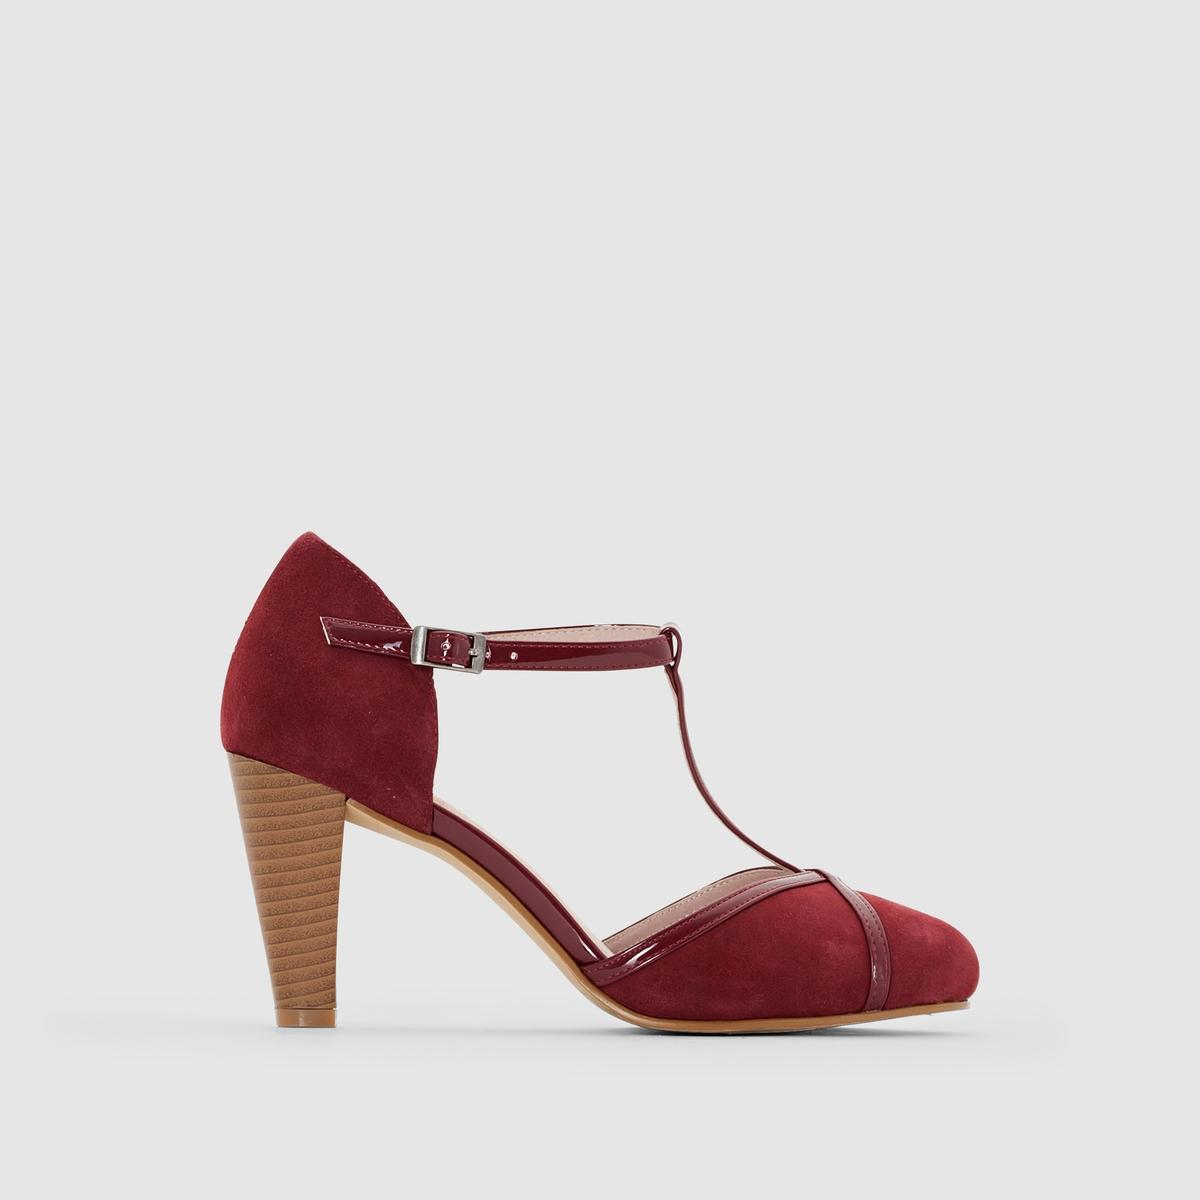 Туфли кожаныеДетали  •  Широкий каблук •  Высота каблука : 5 см •  Застежка : ремешок/пряжка •  Заостренный мысок •  Велюровая отделка, нубукСостав и уход  •  Верх 100% спилок •  Подкладка 100% кожа<br><br>Цвет: серо-коричневый,черный/серый<br>Размер: 40.41.36